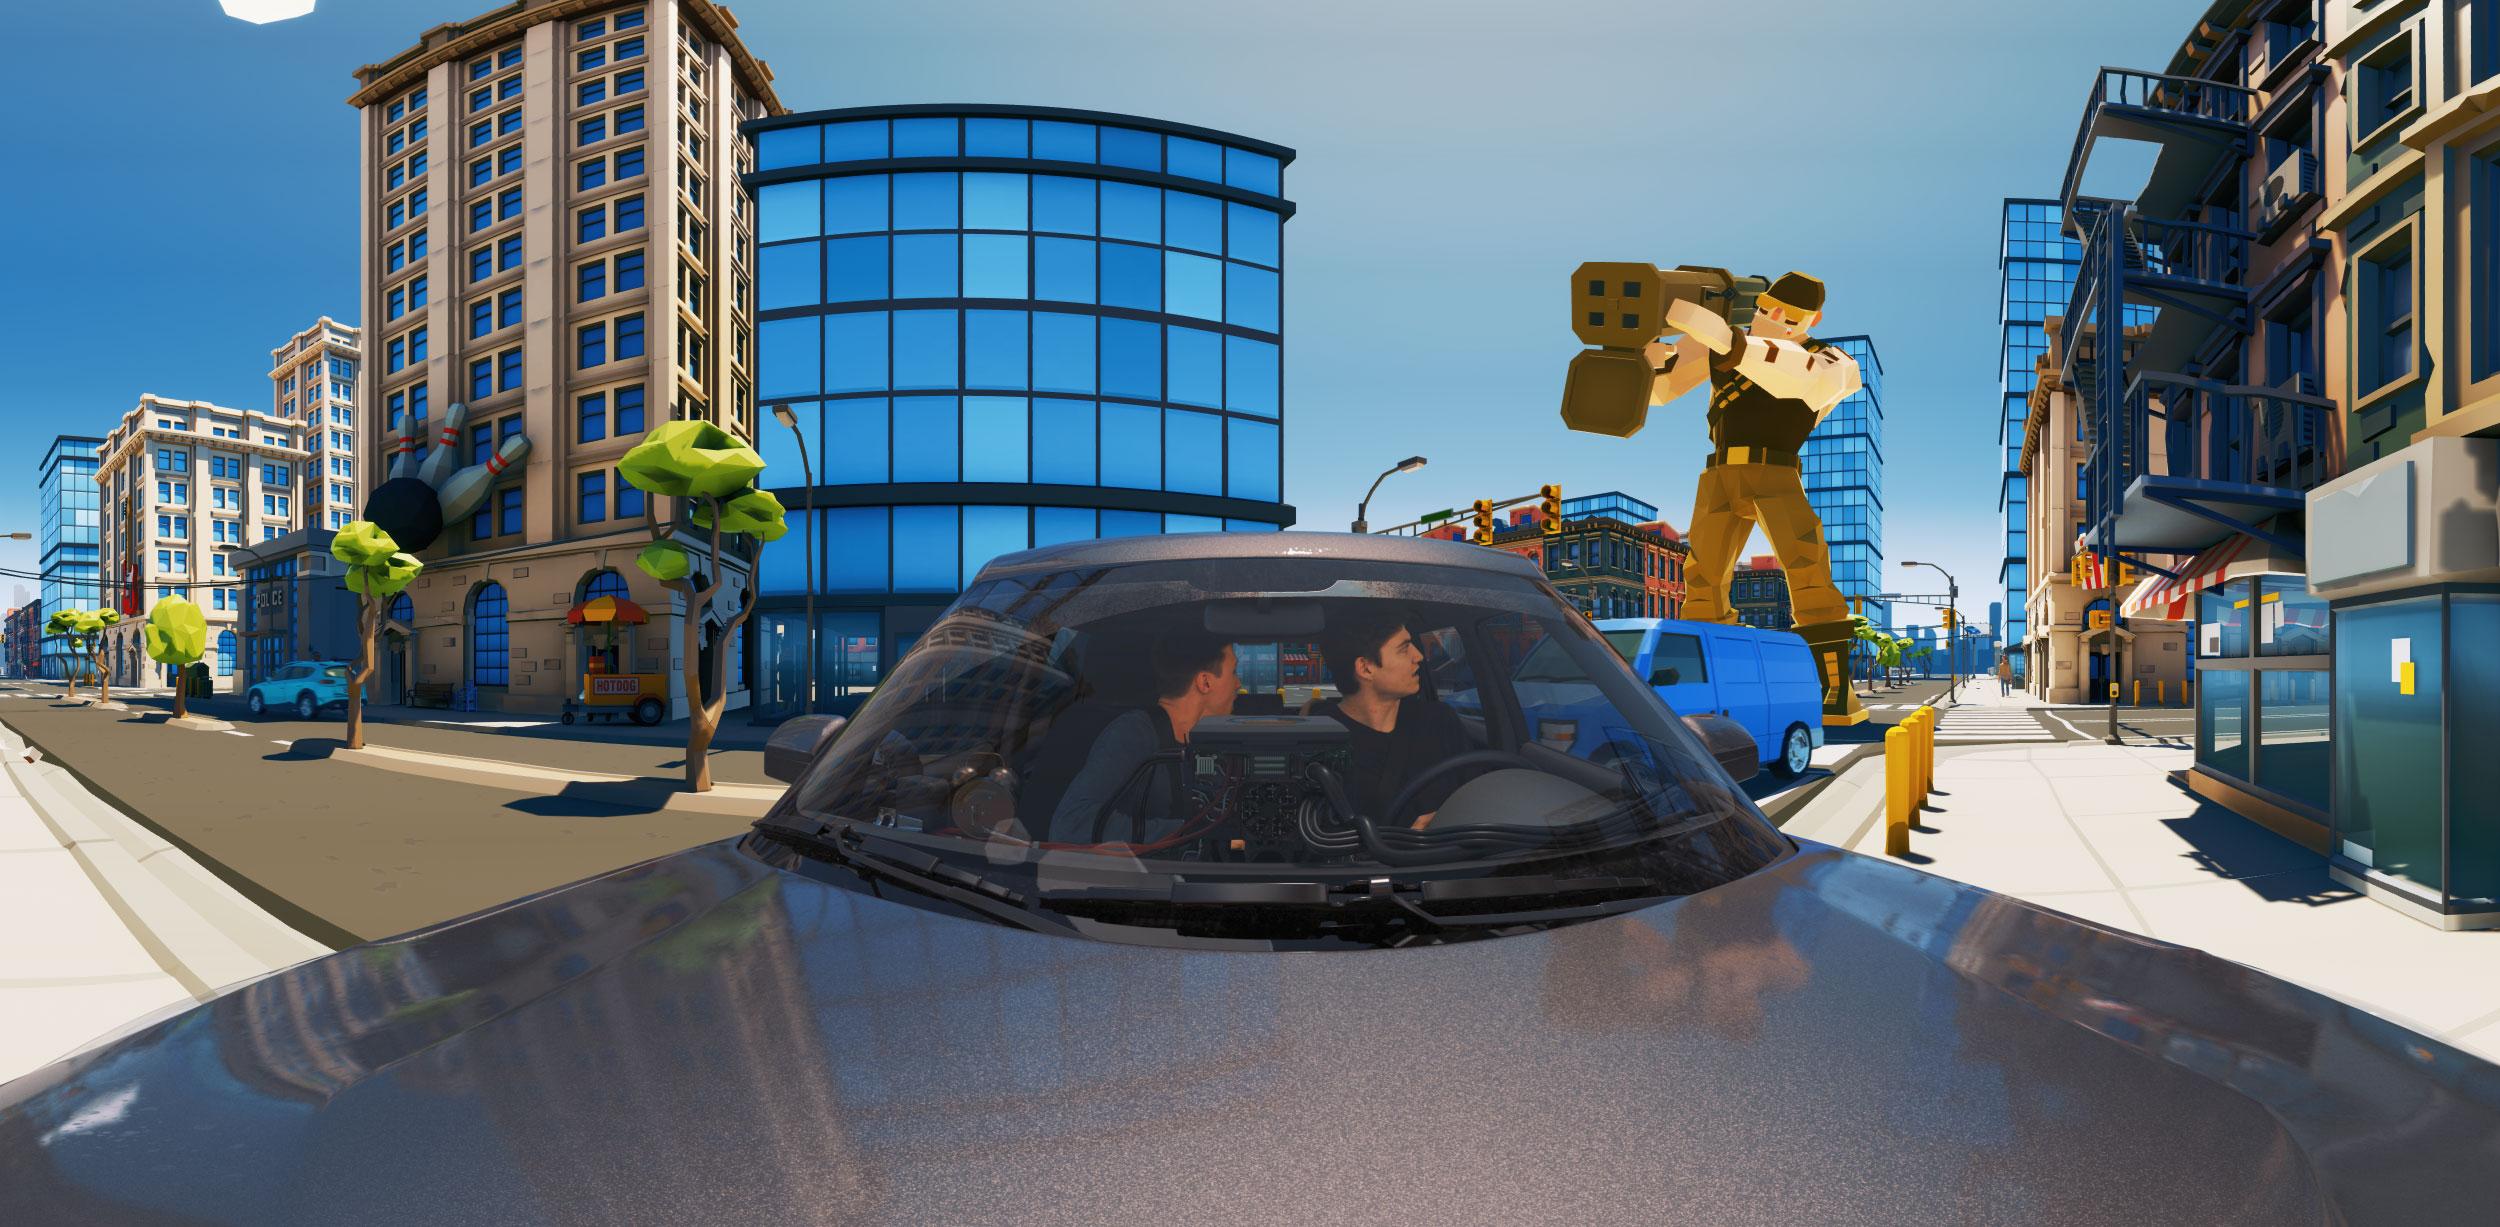 MWM Launches Three-Part VR Series